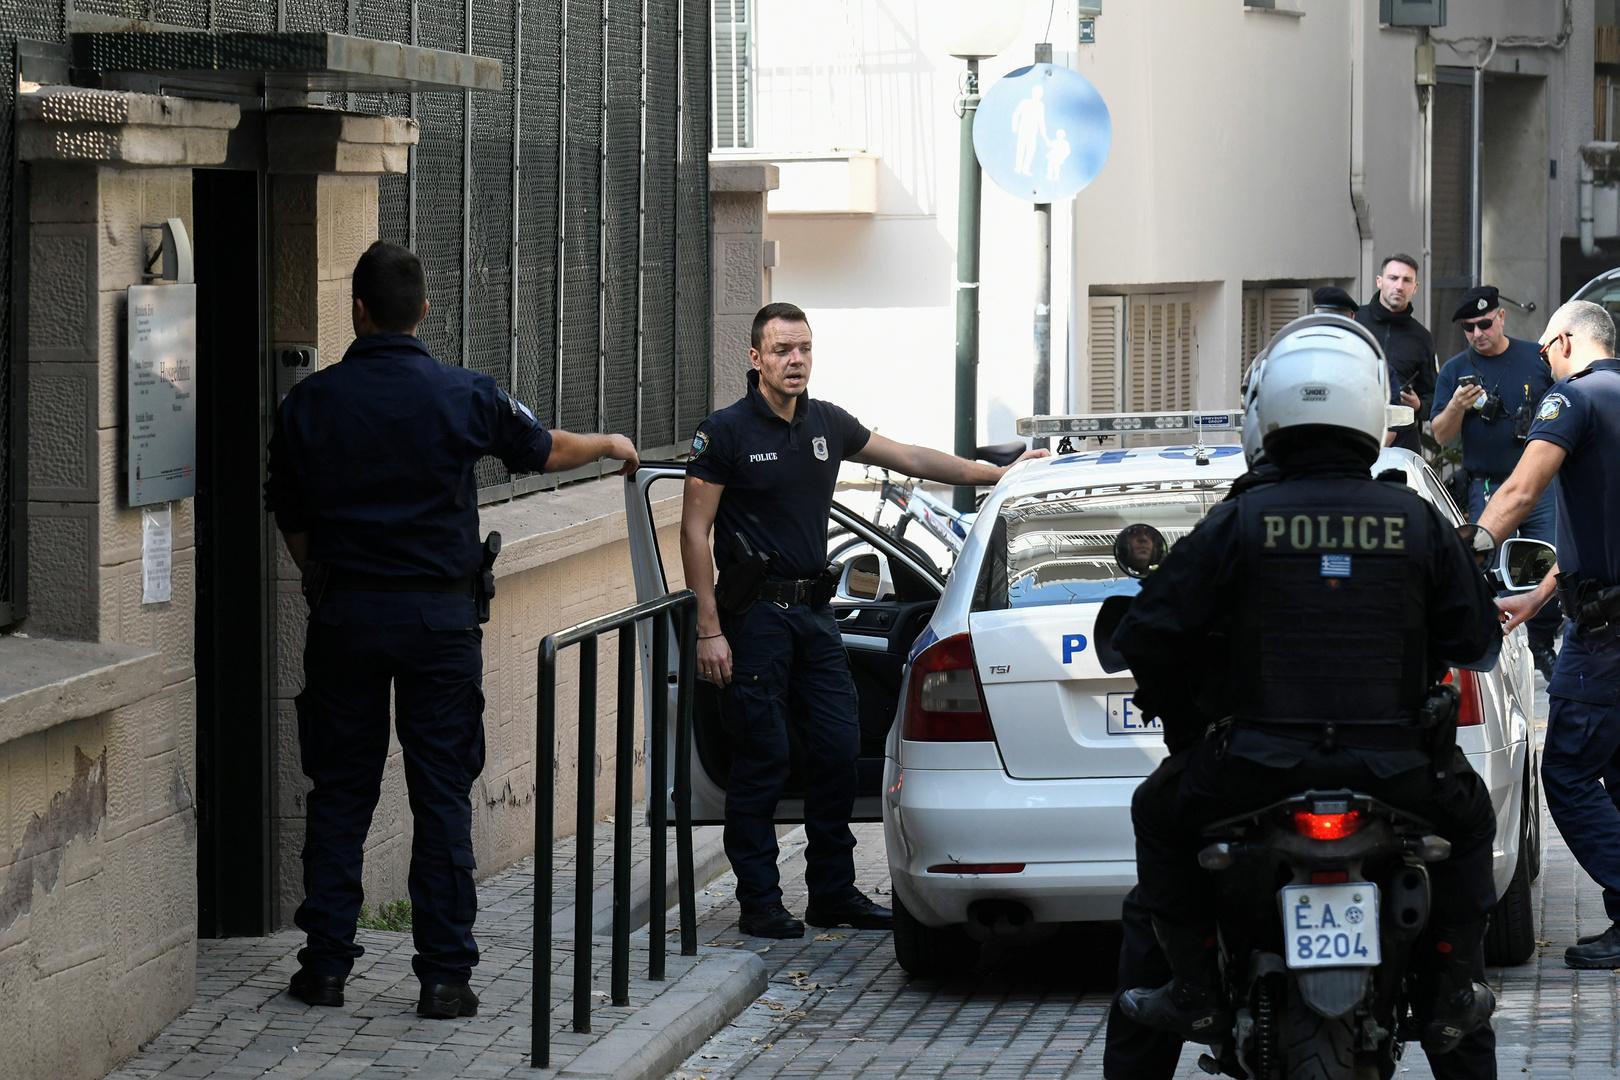 تركيا.. إيقاف 67 شخصا وحجز أكثر من 10 مليون دولار في أكبر حملة ضد تجارة المخدرات